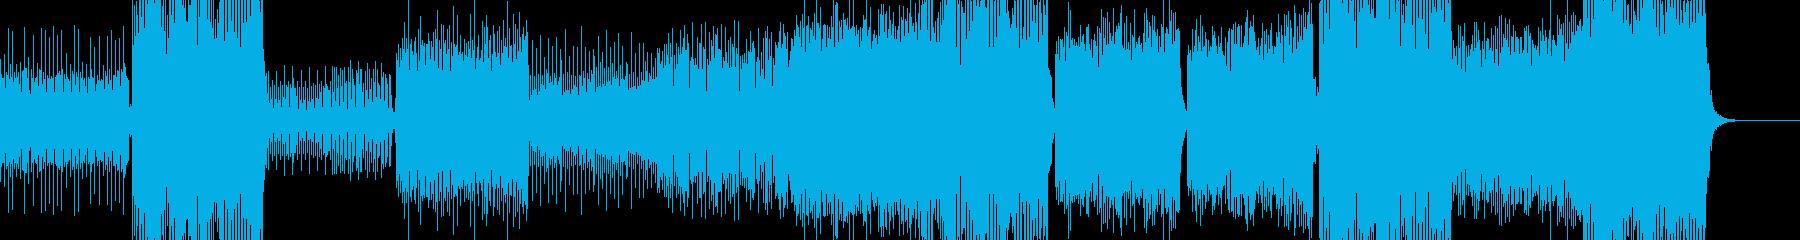 壮大で重厚なトランス -ヒット無しverの再生済みの波形